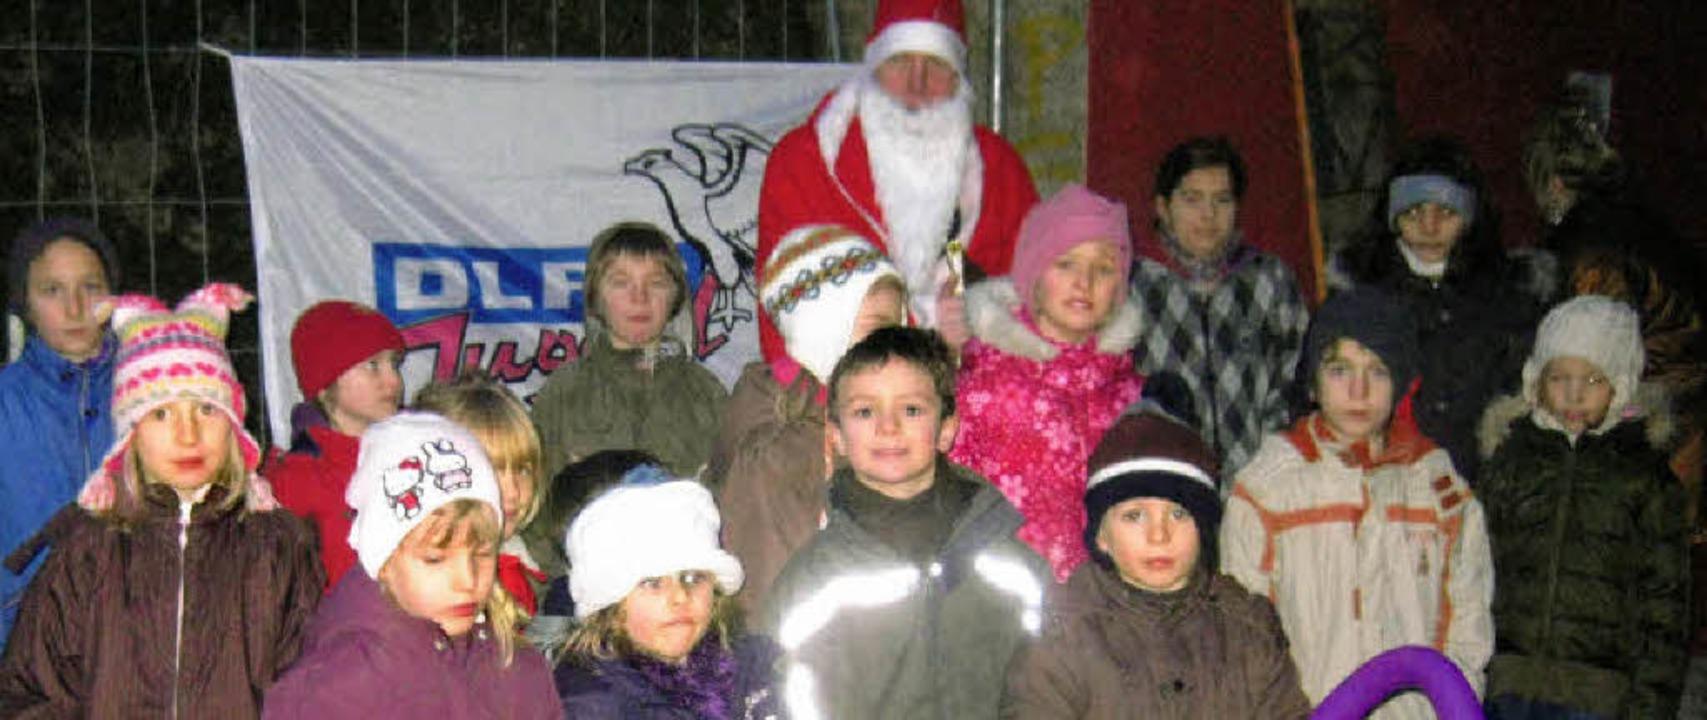 Besuch vom Nikolaus erhielt  die DLRG-Jugend.  | Foto: privat